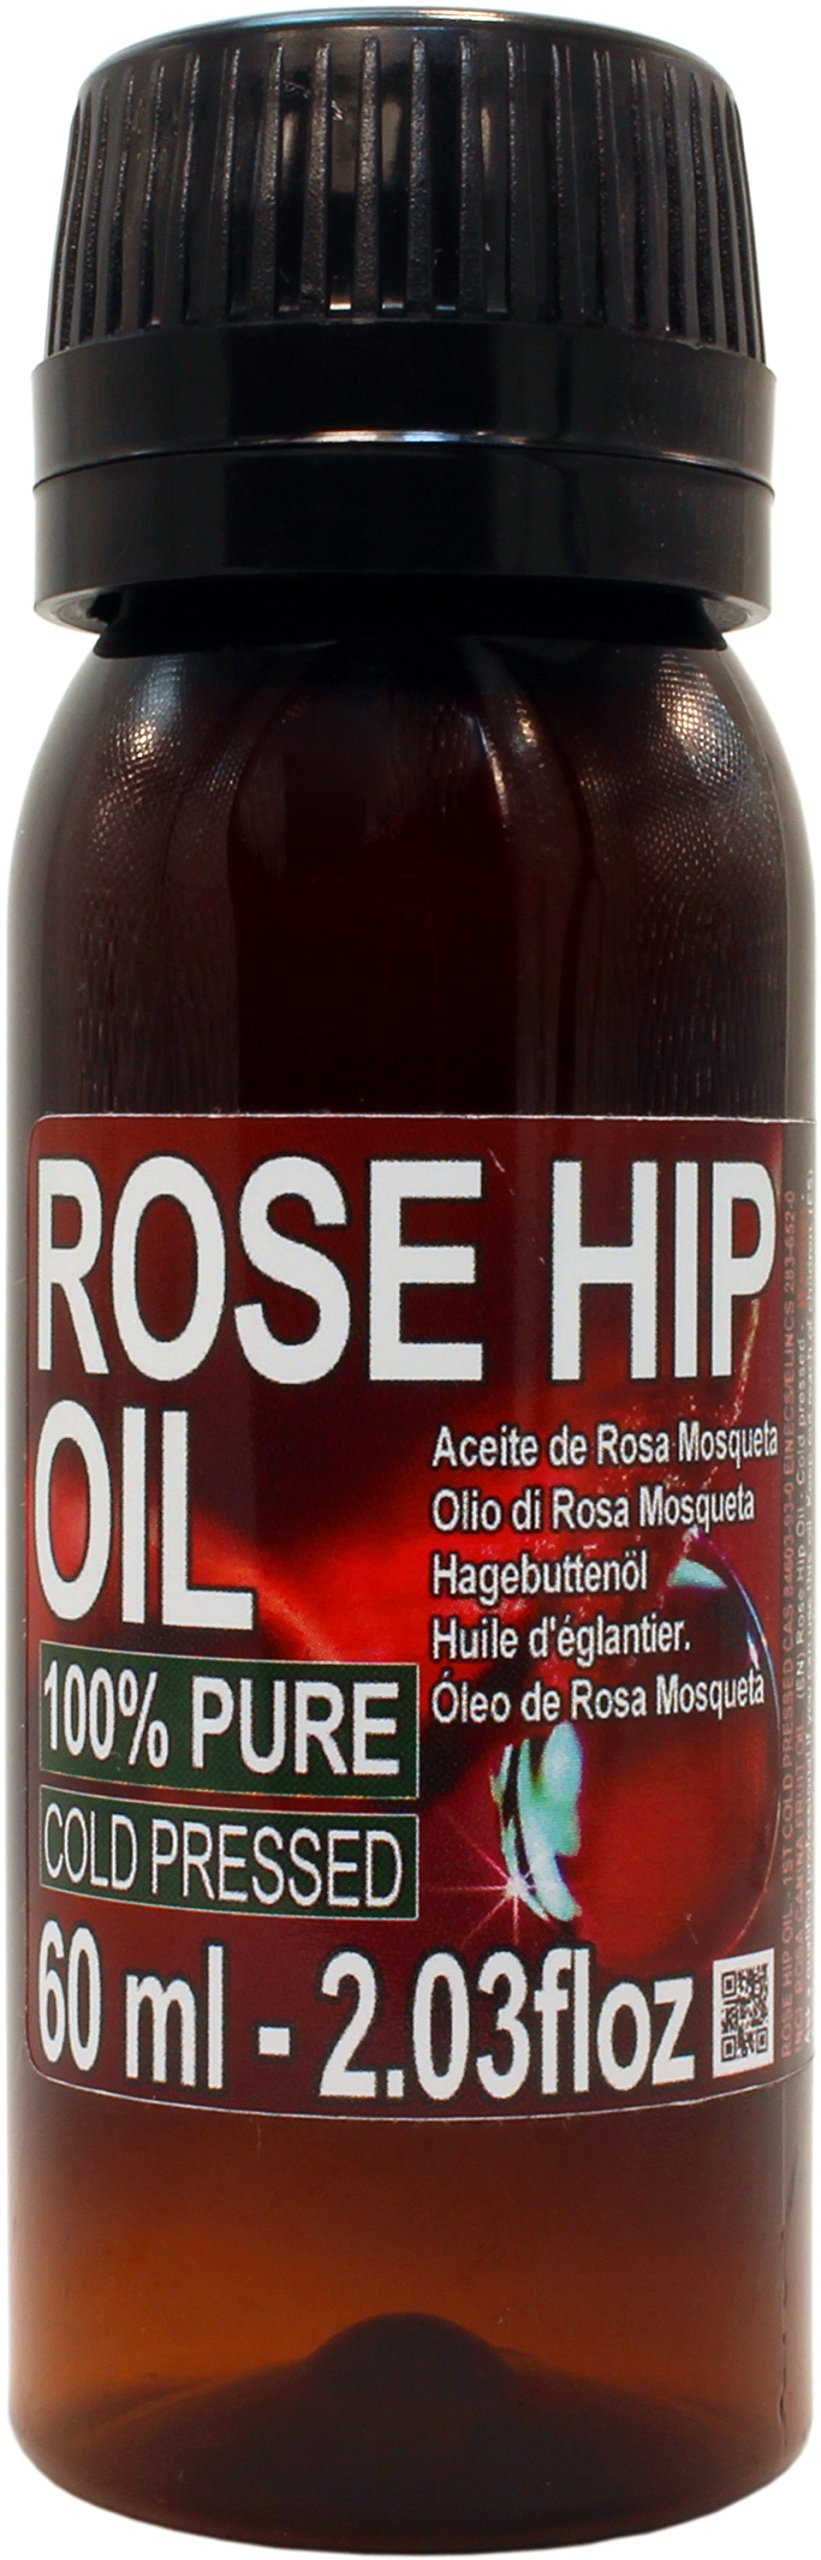 Aceite Rosa Mosqueta 100% Puro 60ml Origen Patagonia - Envasado en UE, primera prensada